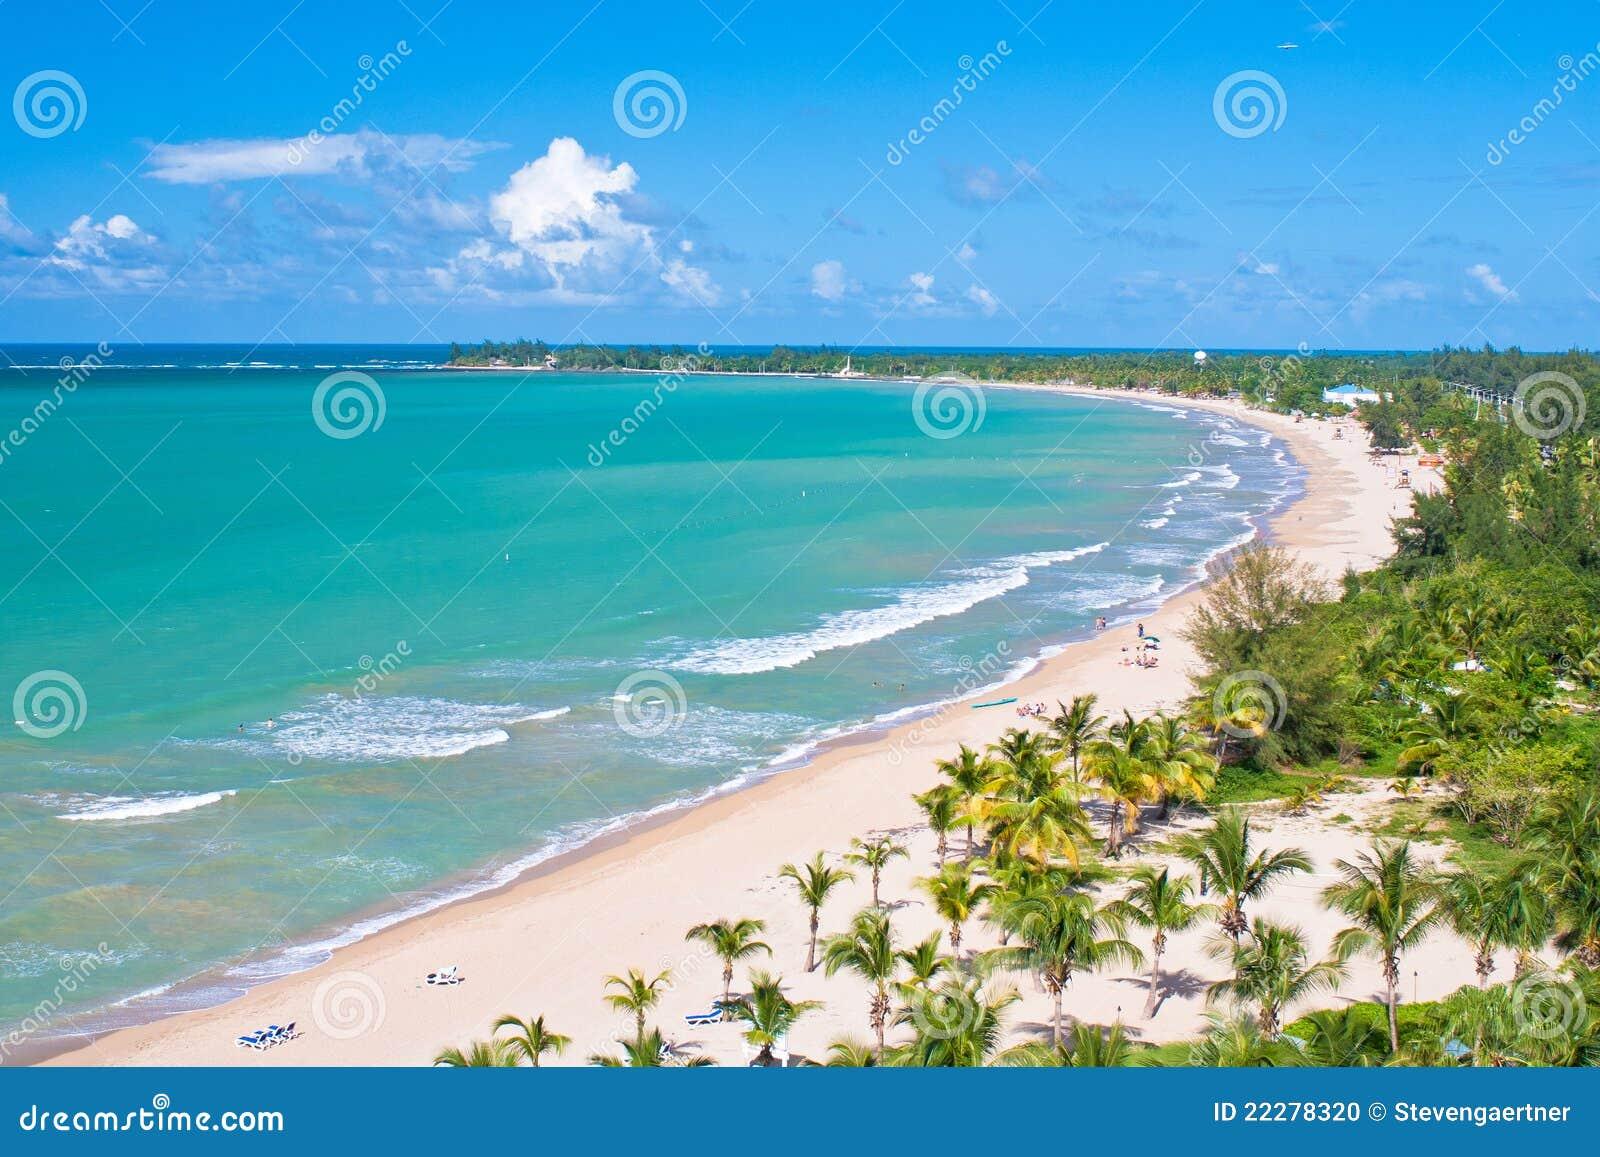 Aerial view, puerto rico beach